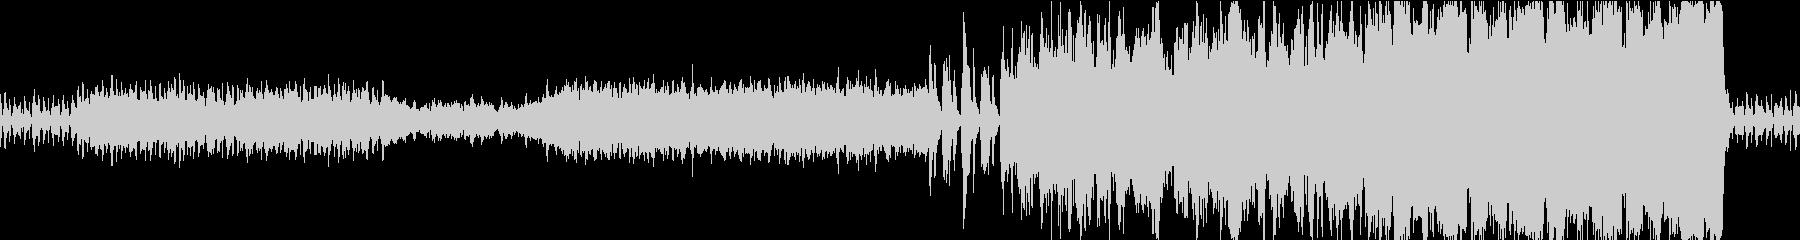 オーケストラ マイナー調の行進曲風ループの未再生の波形